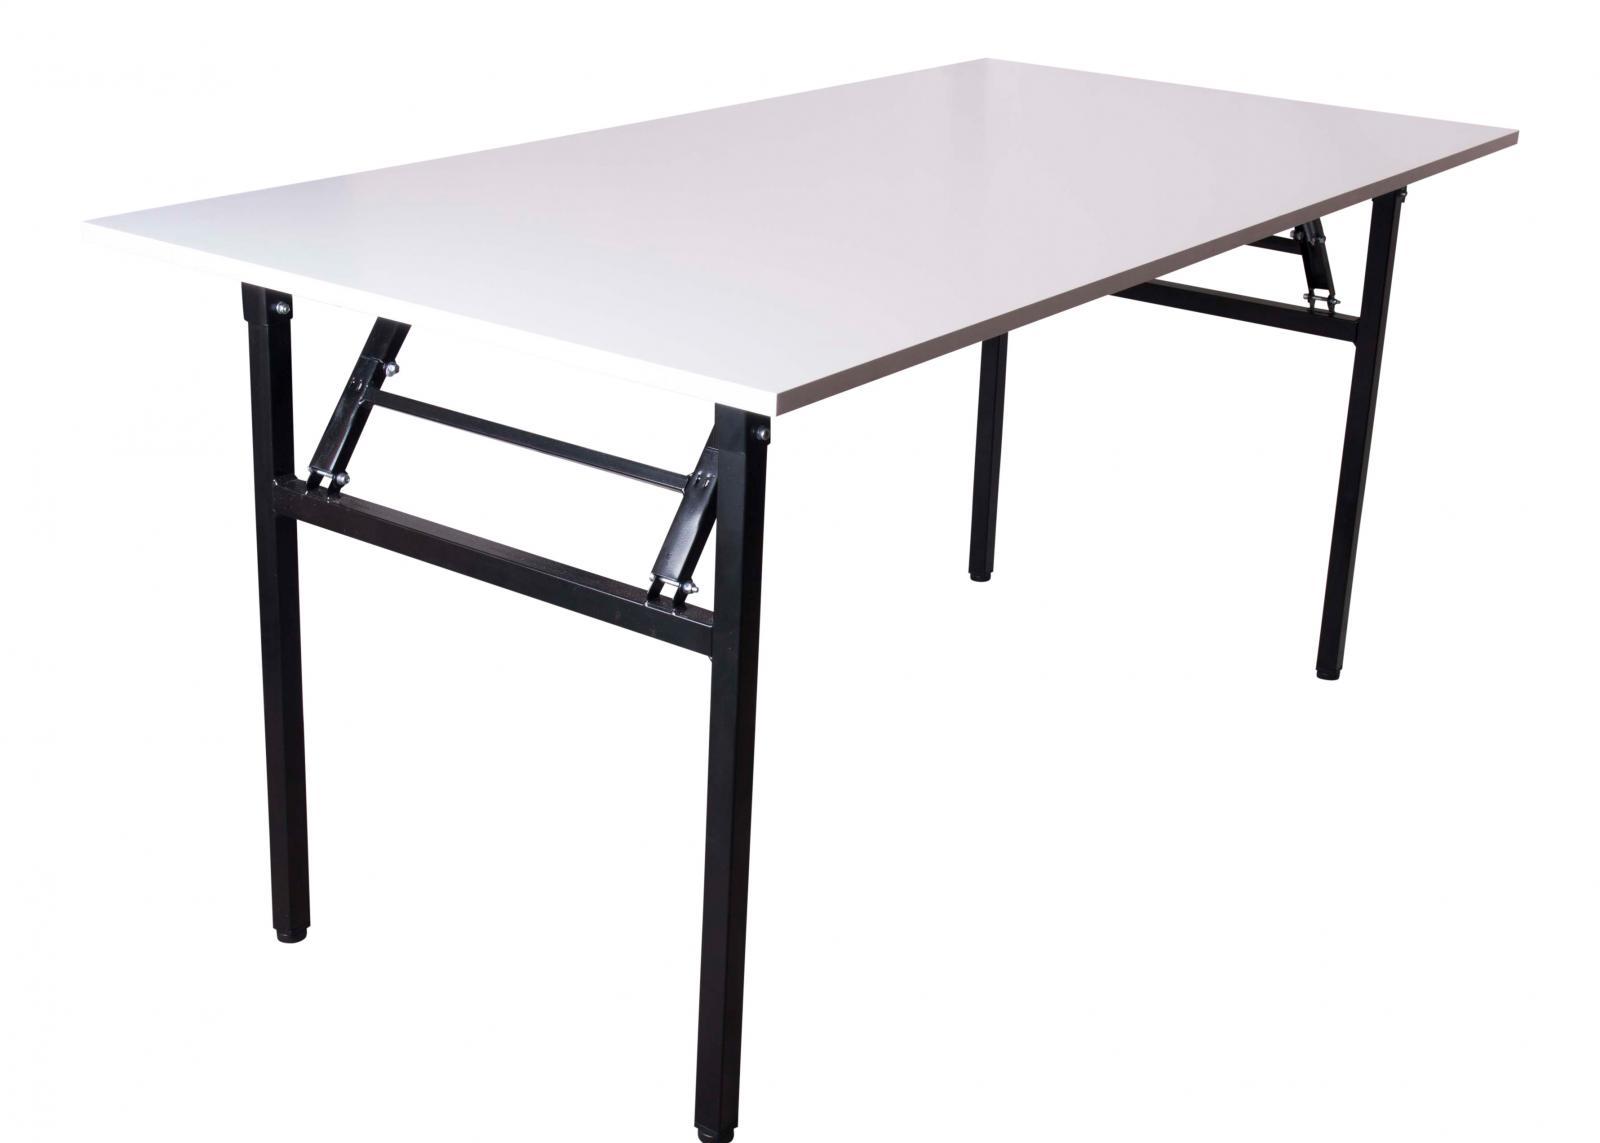 Składany Stół 160x80cm Biały Blat Czarny Stelaż